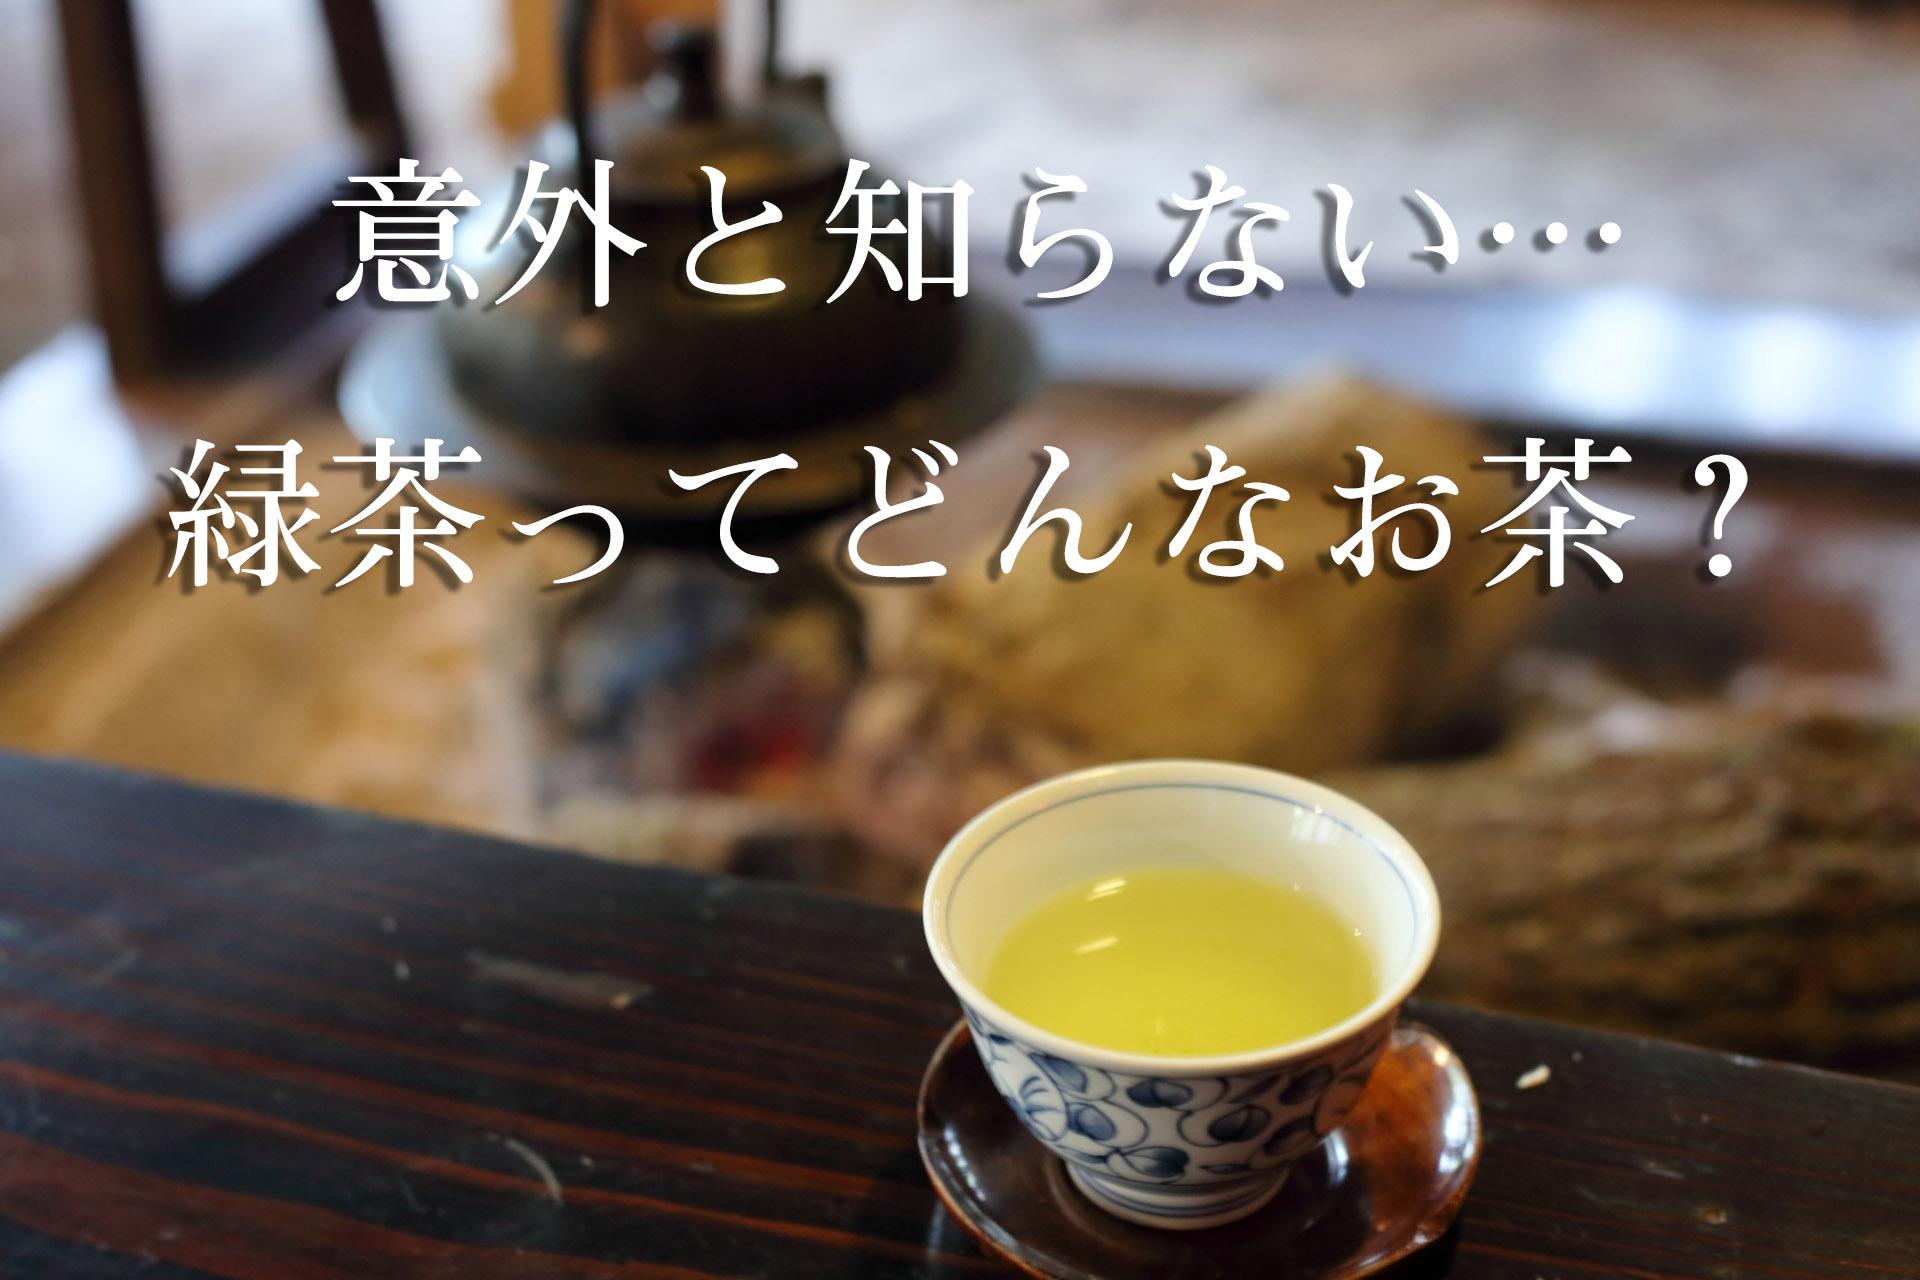 意外と知らない…緑茶ってどんなお茶?